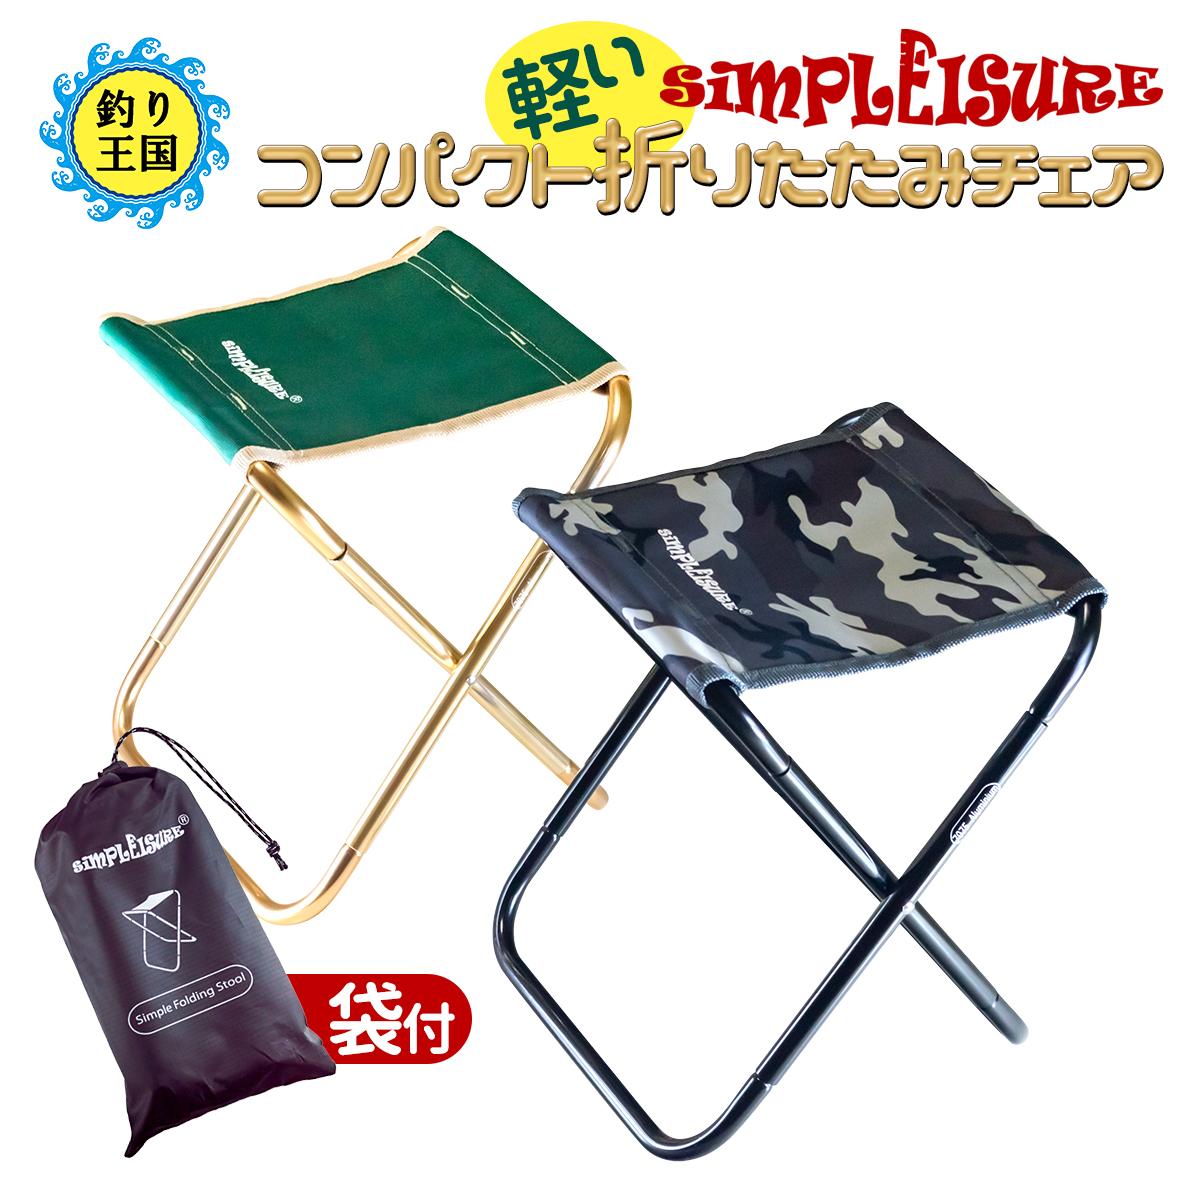 軽量 コンパクト 釣り 高い素材 キャンプ simPLEISURE 2020 アウトドアチェア コンパクト折りたたみ椅子 収納袋付 4つ折り